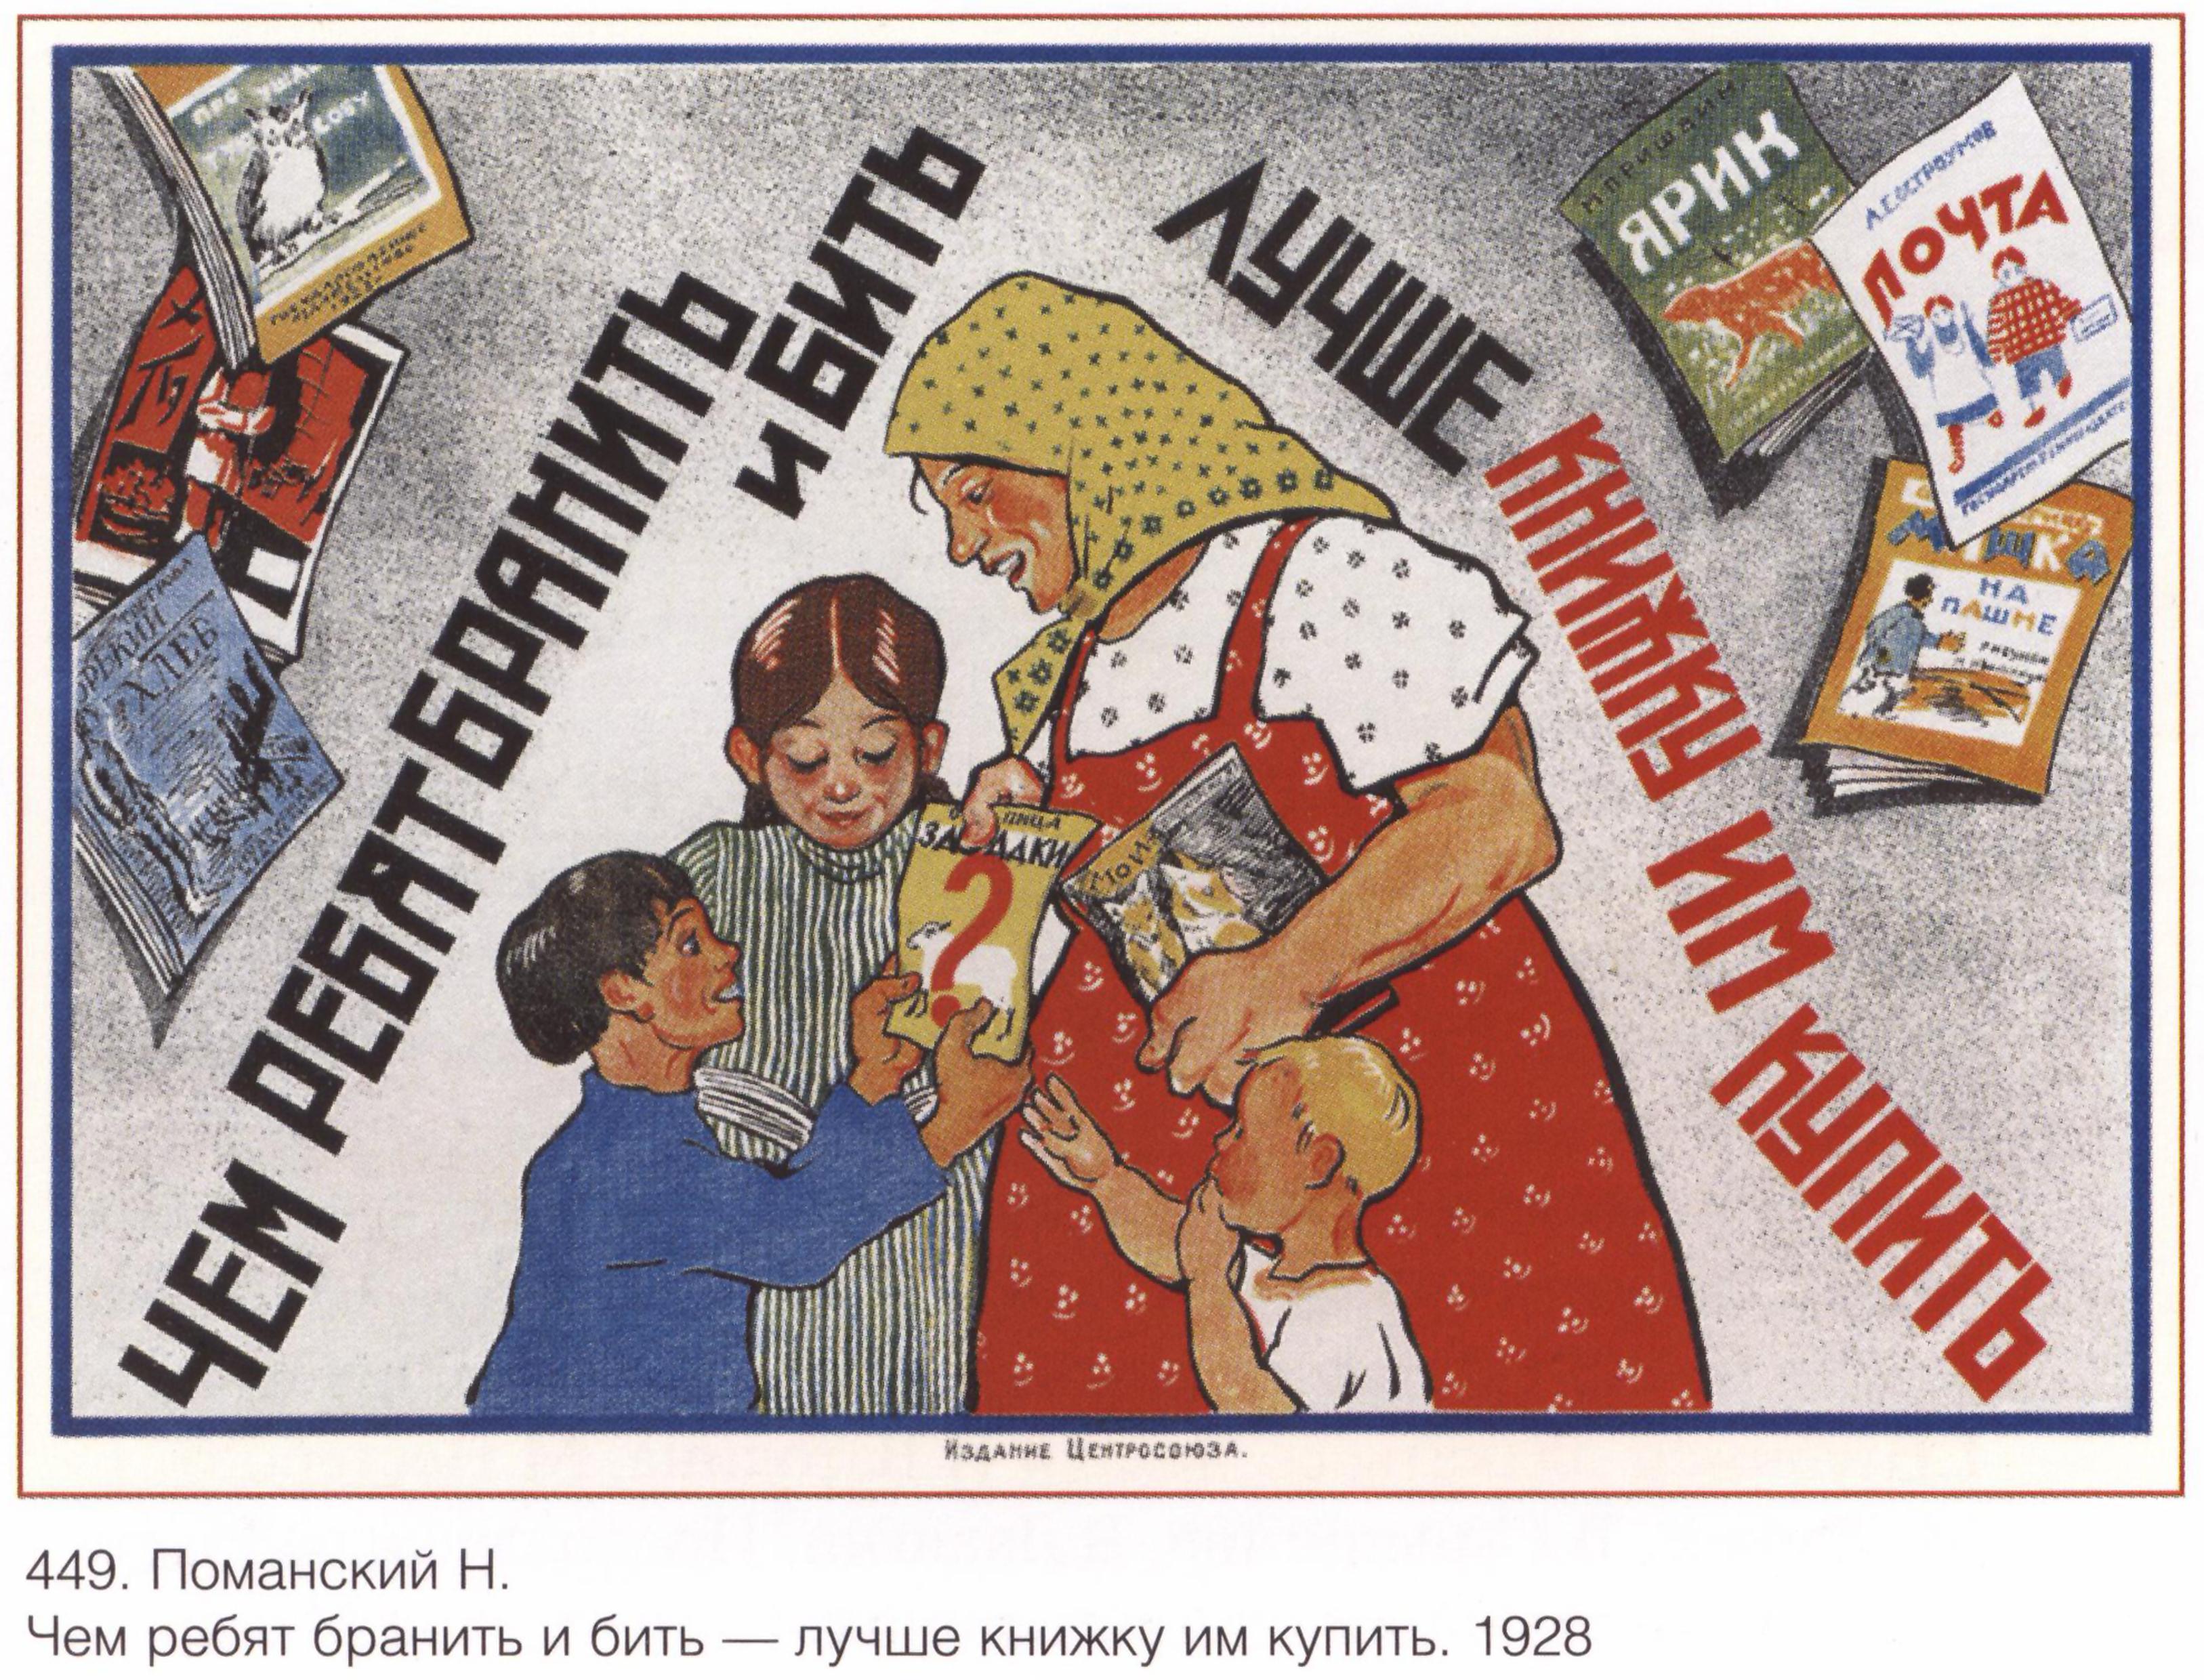 Советская эпоха в плакатах (119 фотографий), photo:91.